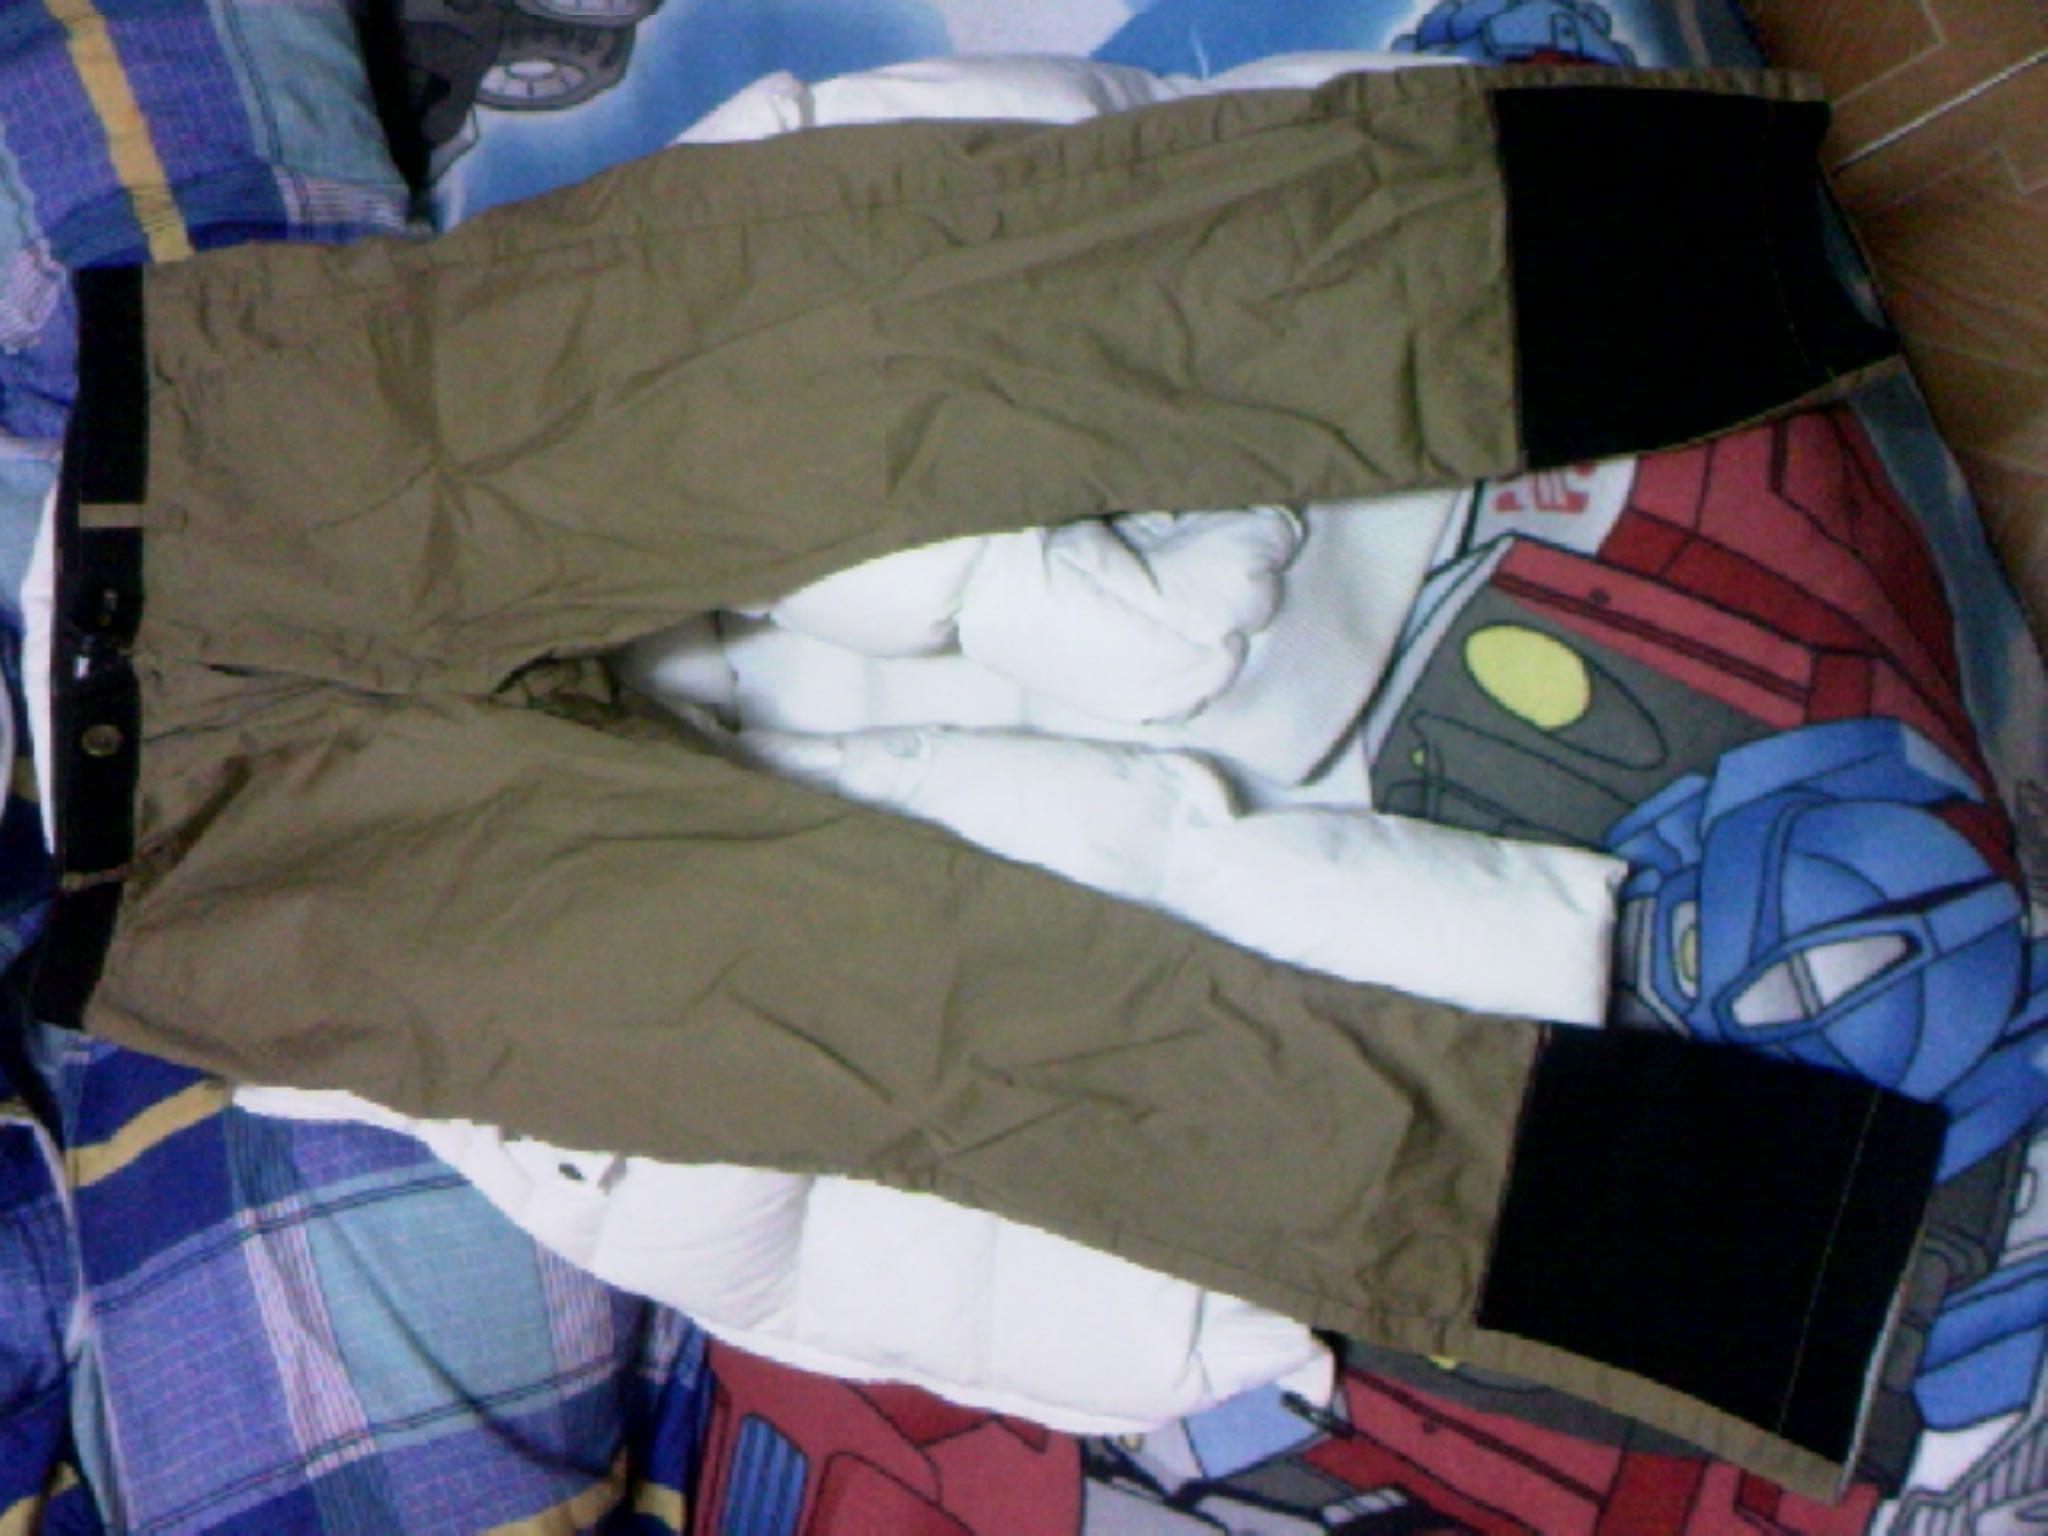 裤脚图片_深色卡其色的裤子配什么鞋子和上衣,附裤子图片,裤子有些 ...